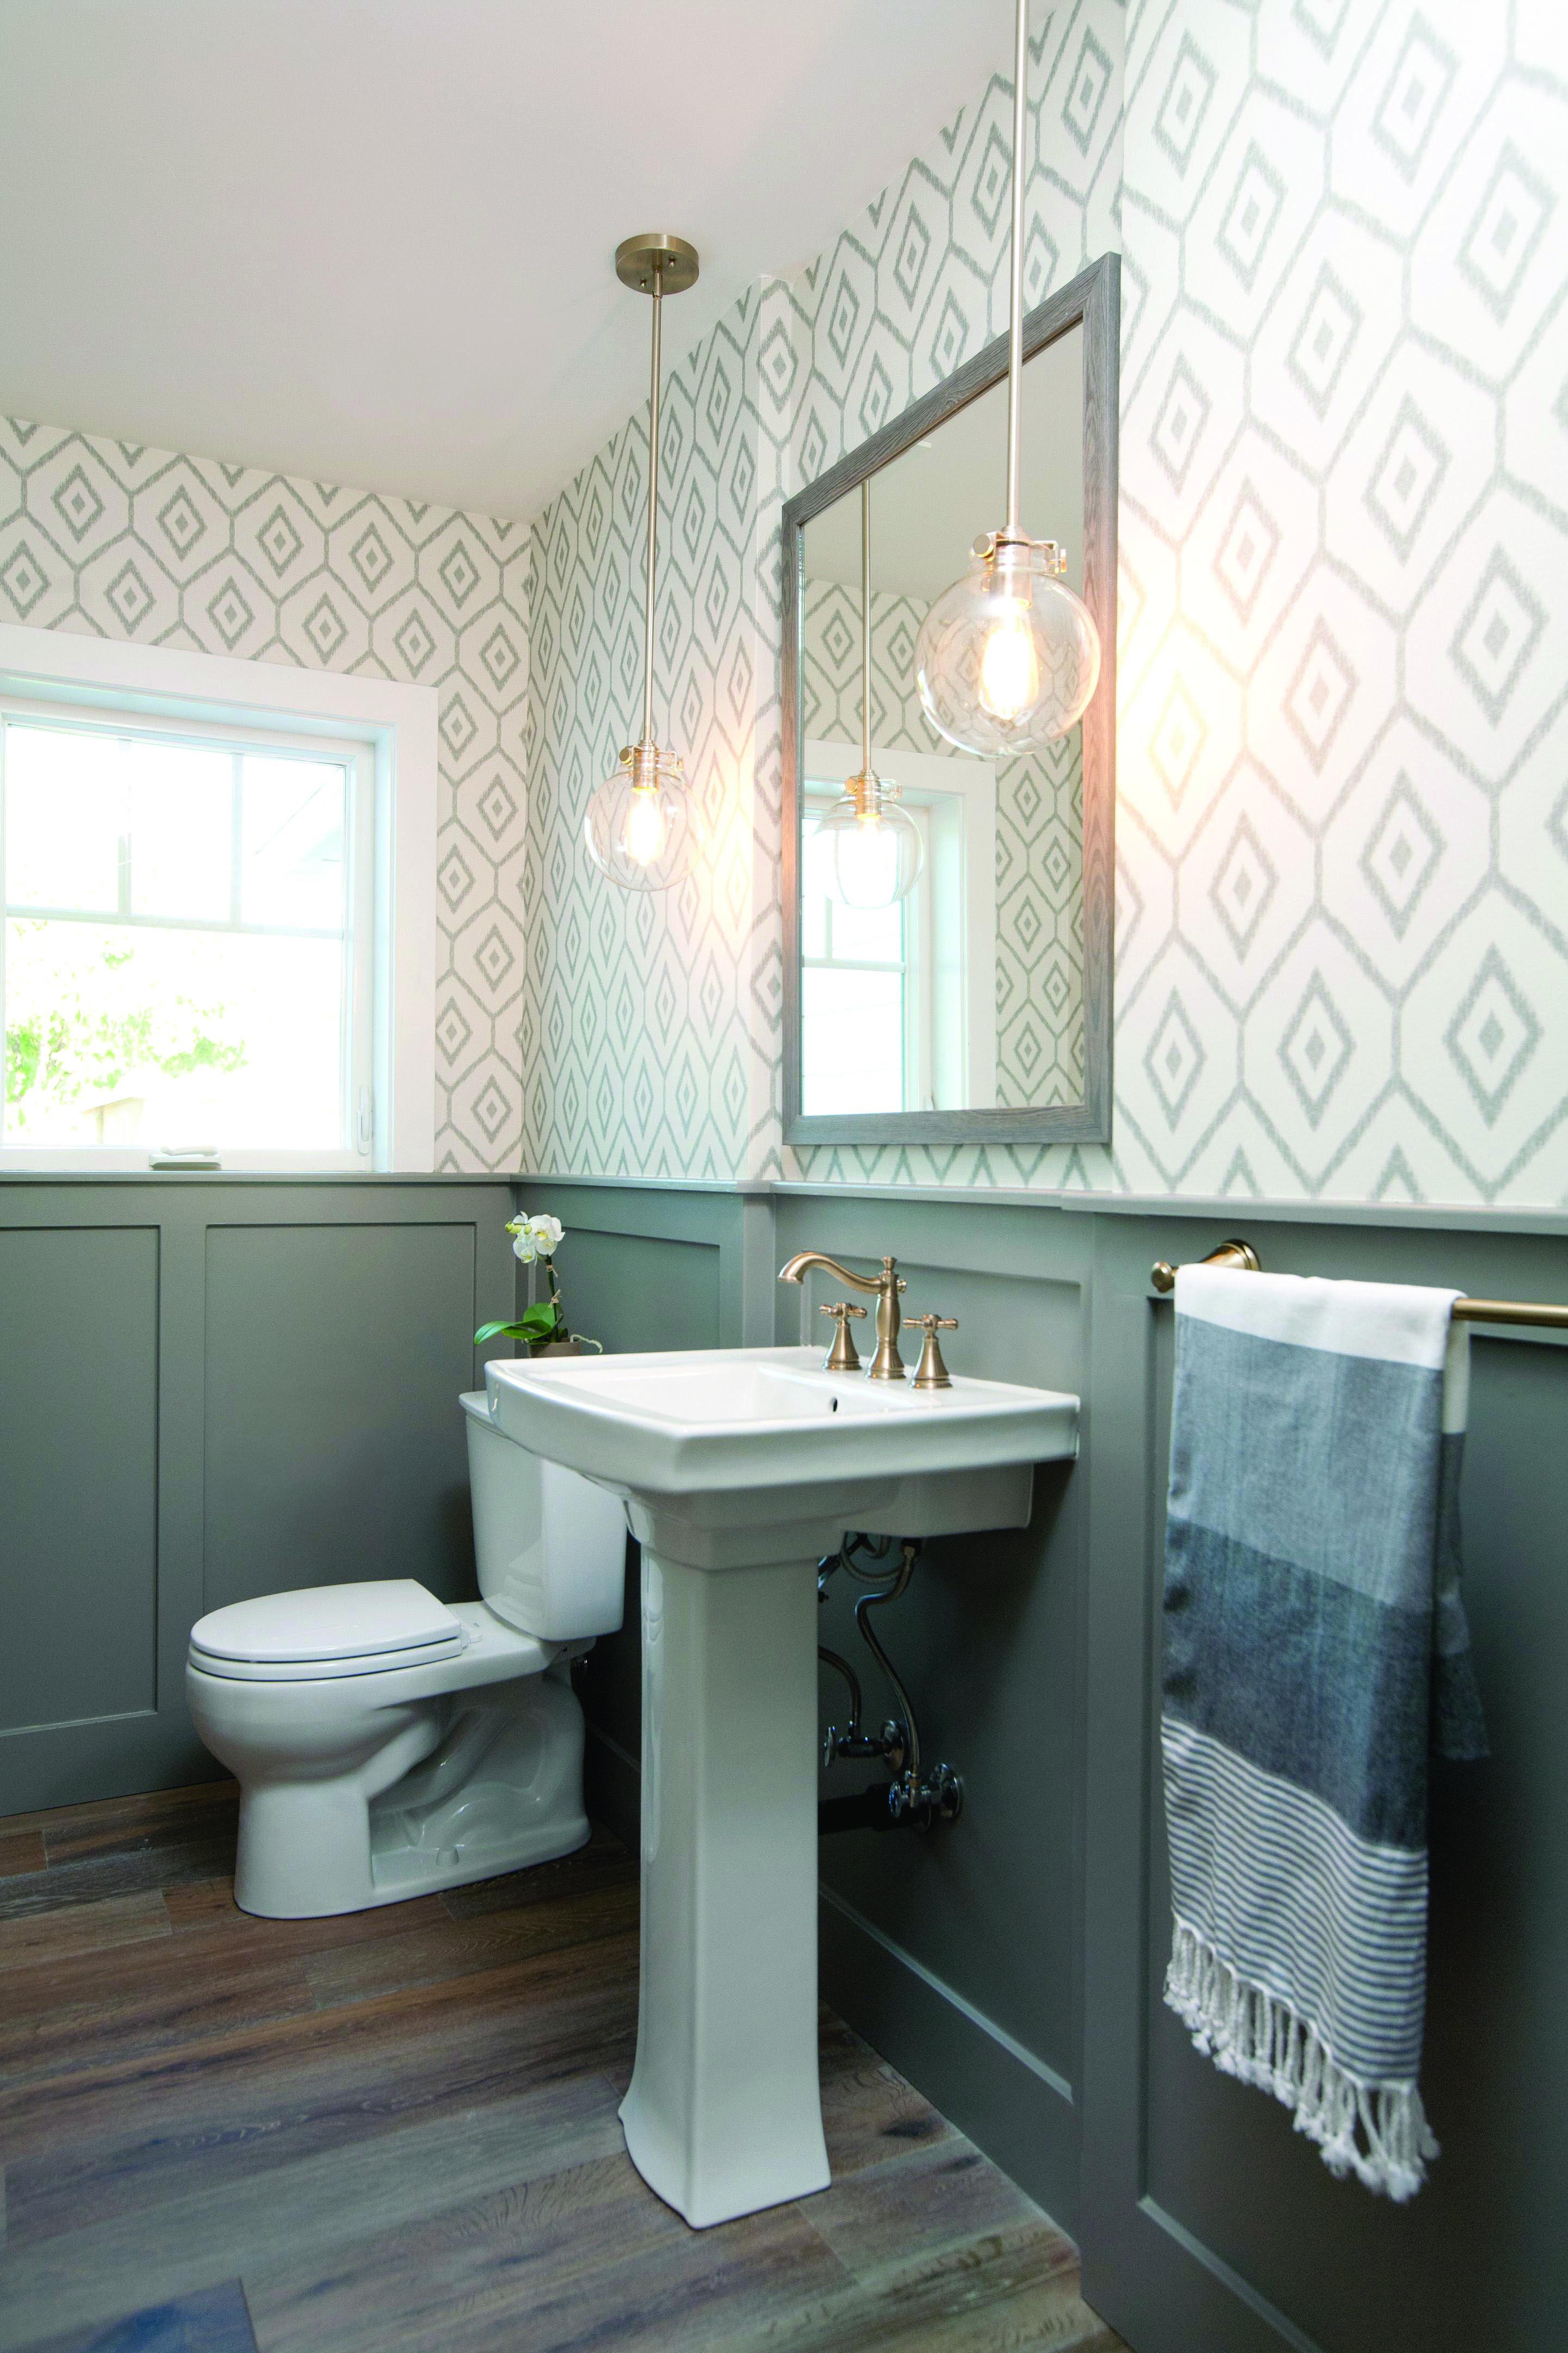 10 Paint Color Ideas For Small Bathrooms With Images Modern Farmhouse Bathroom Farmhouse Bathroom Decor Farmhouse Bathroom